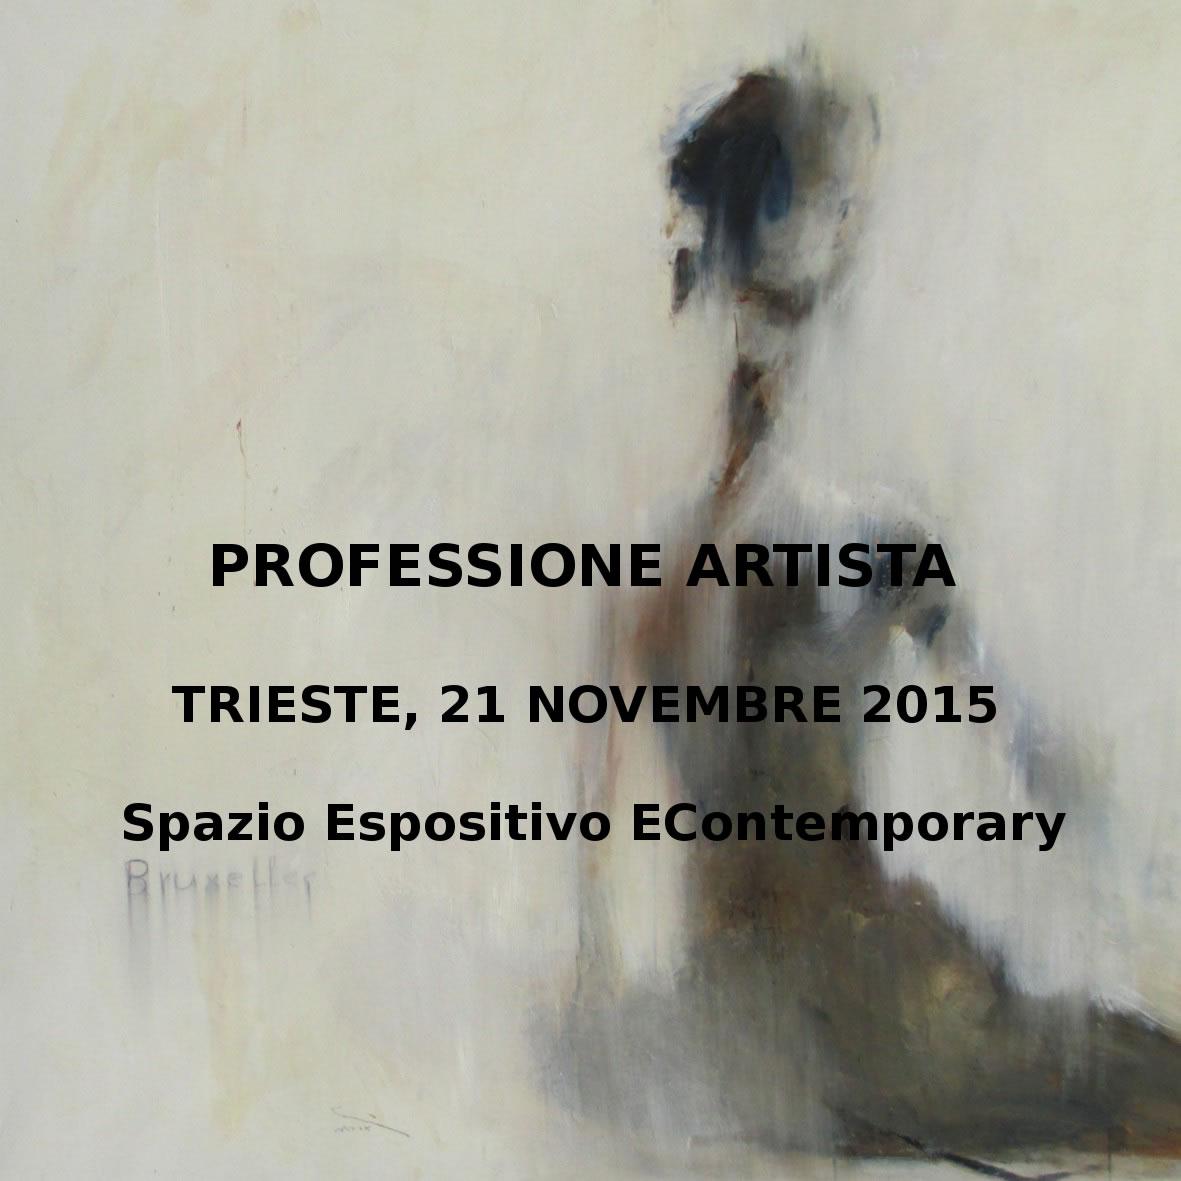 CORSO DI FORMAZIONE: Professione Artista